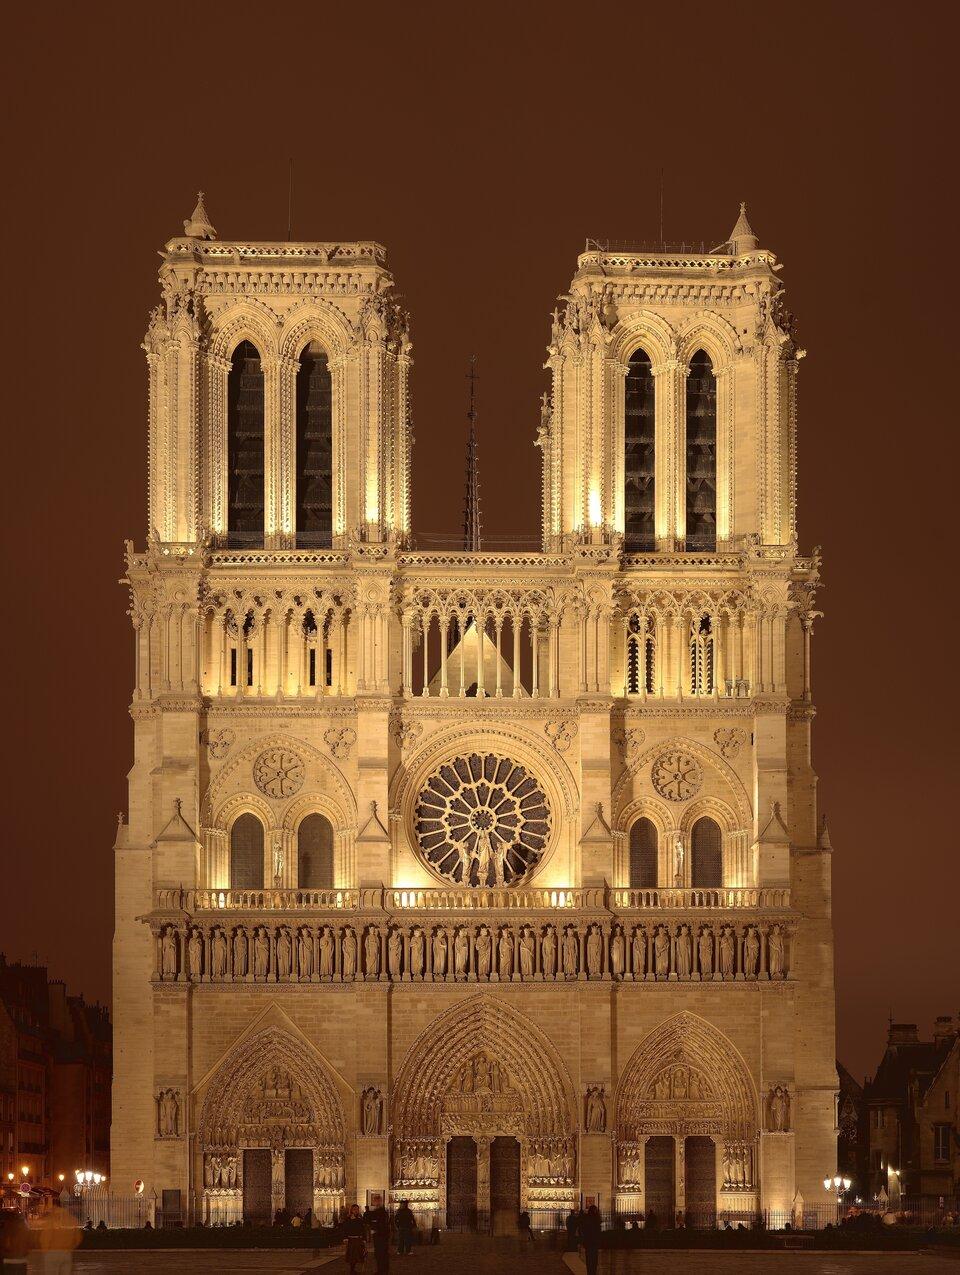 Notre Dame Źródło: Sanchezn, Notre Dame, 2007, licencja: CC BY-SA 3.0.